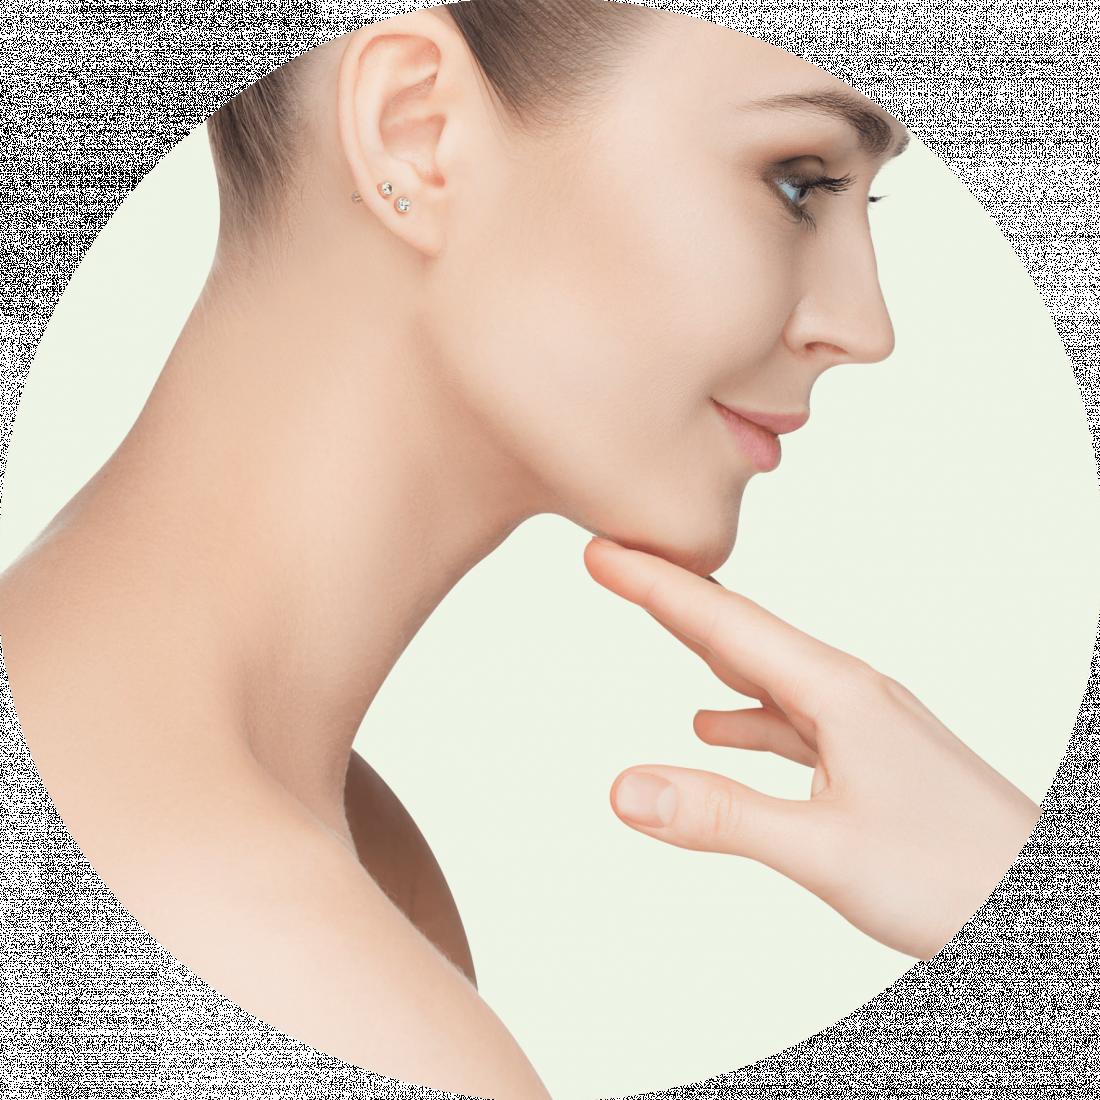 Perché le donne Scelgono la Liposuzione del Doppio Mento?